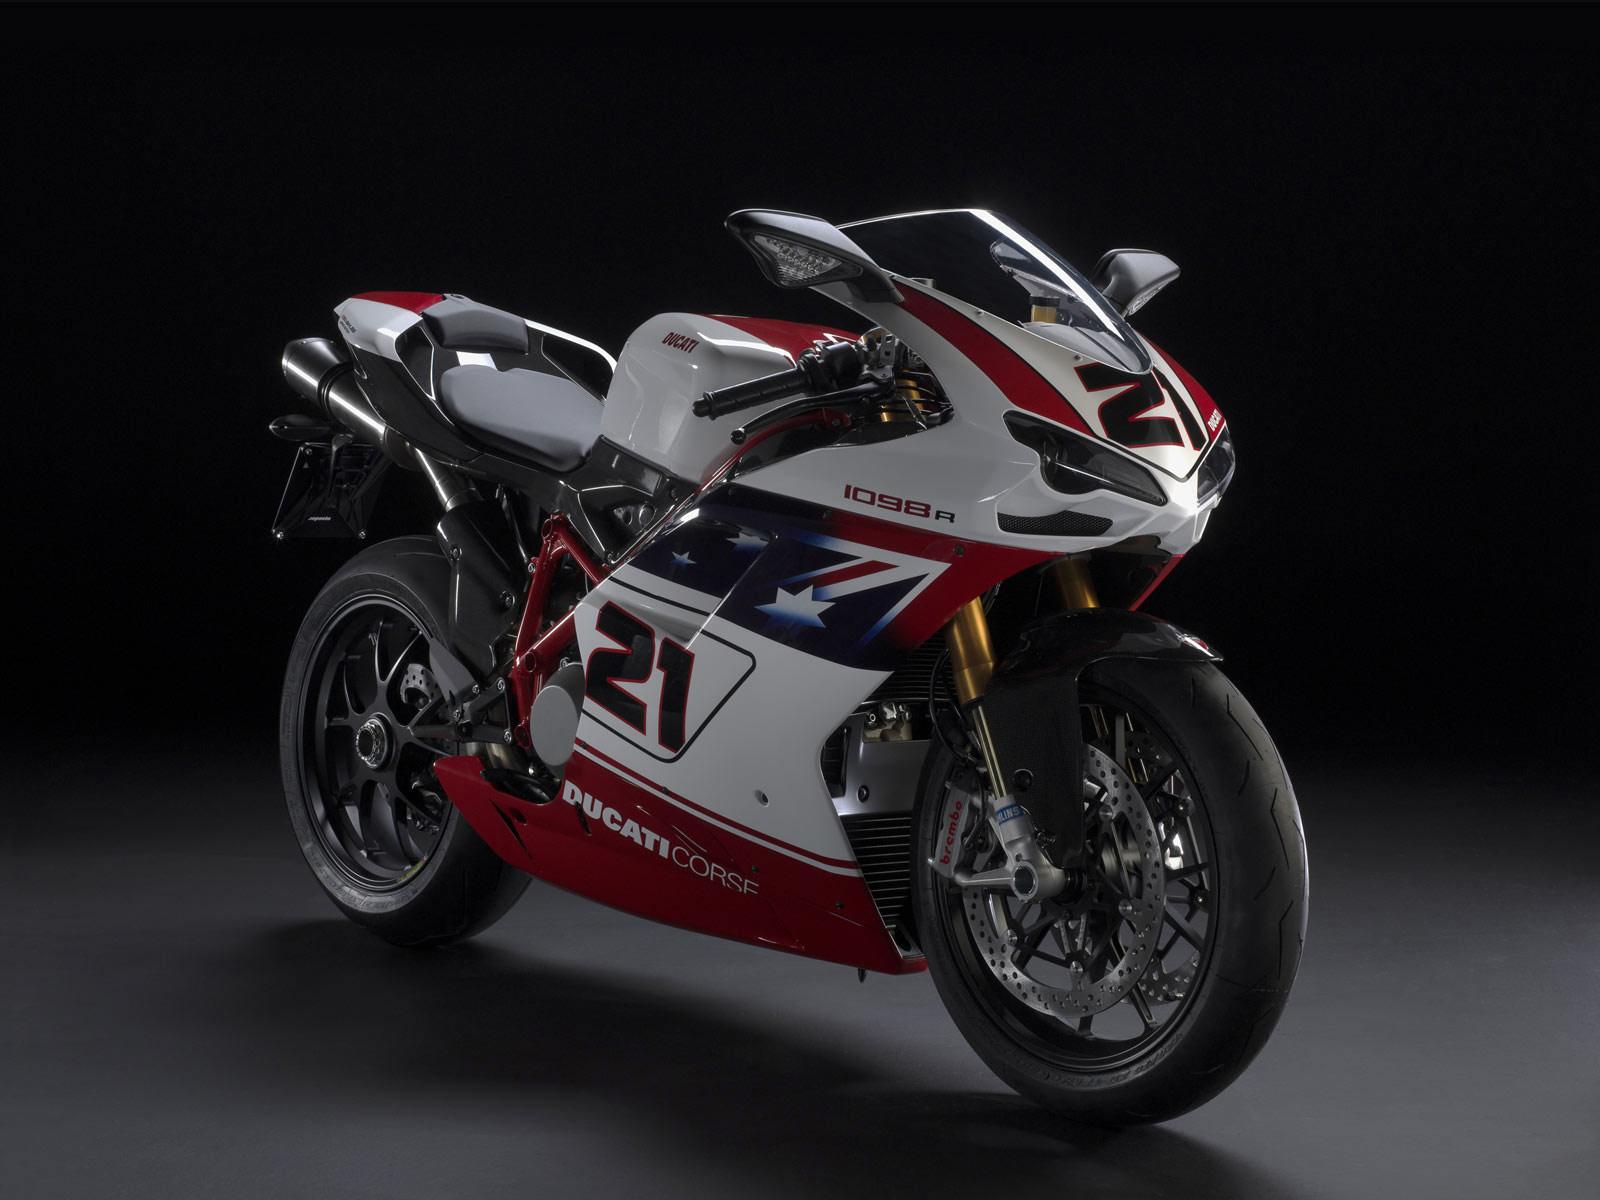 DUCATI Motorcycle Desktop Wallpaper 1098R Bayliss LE 2009 1600x1200